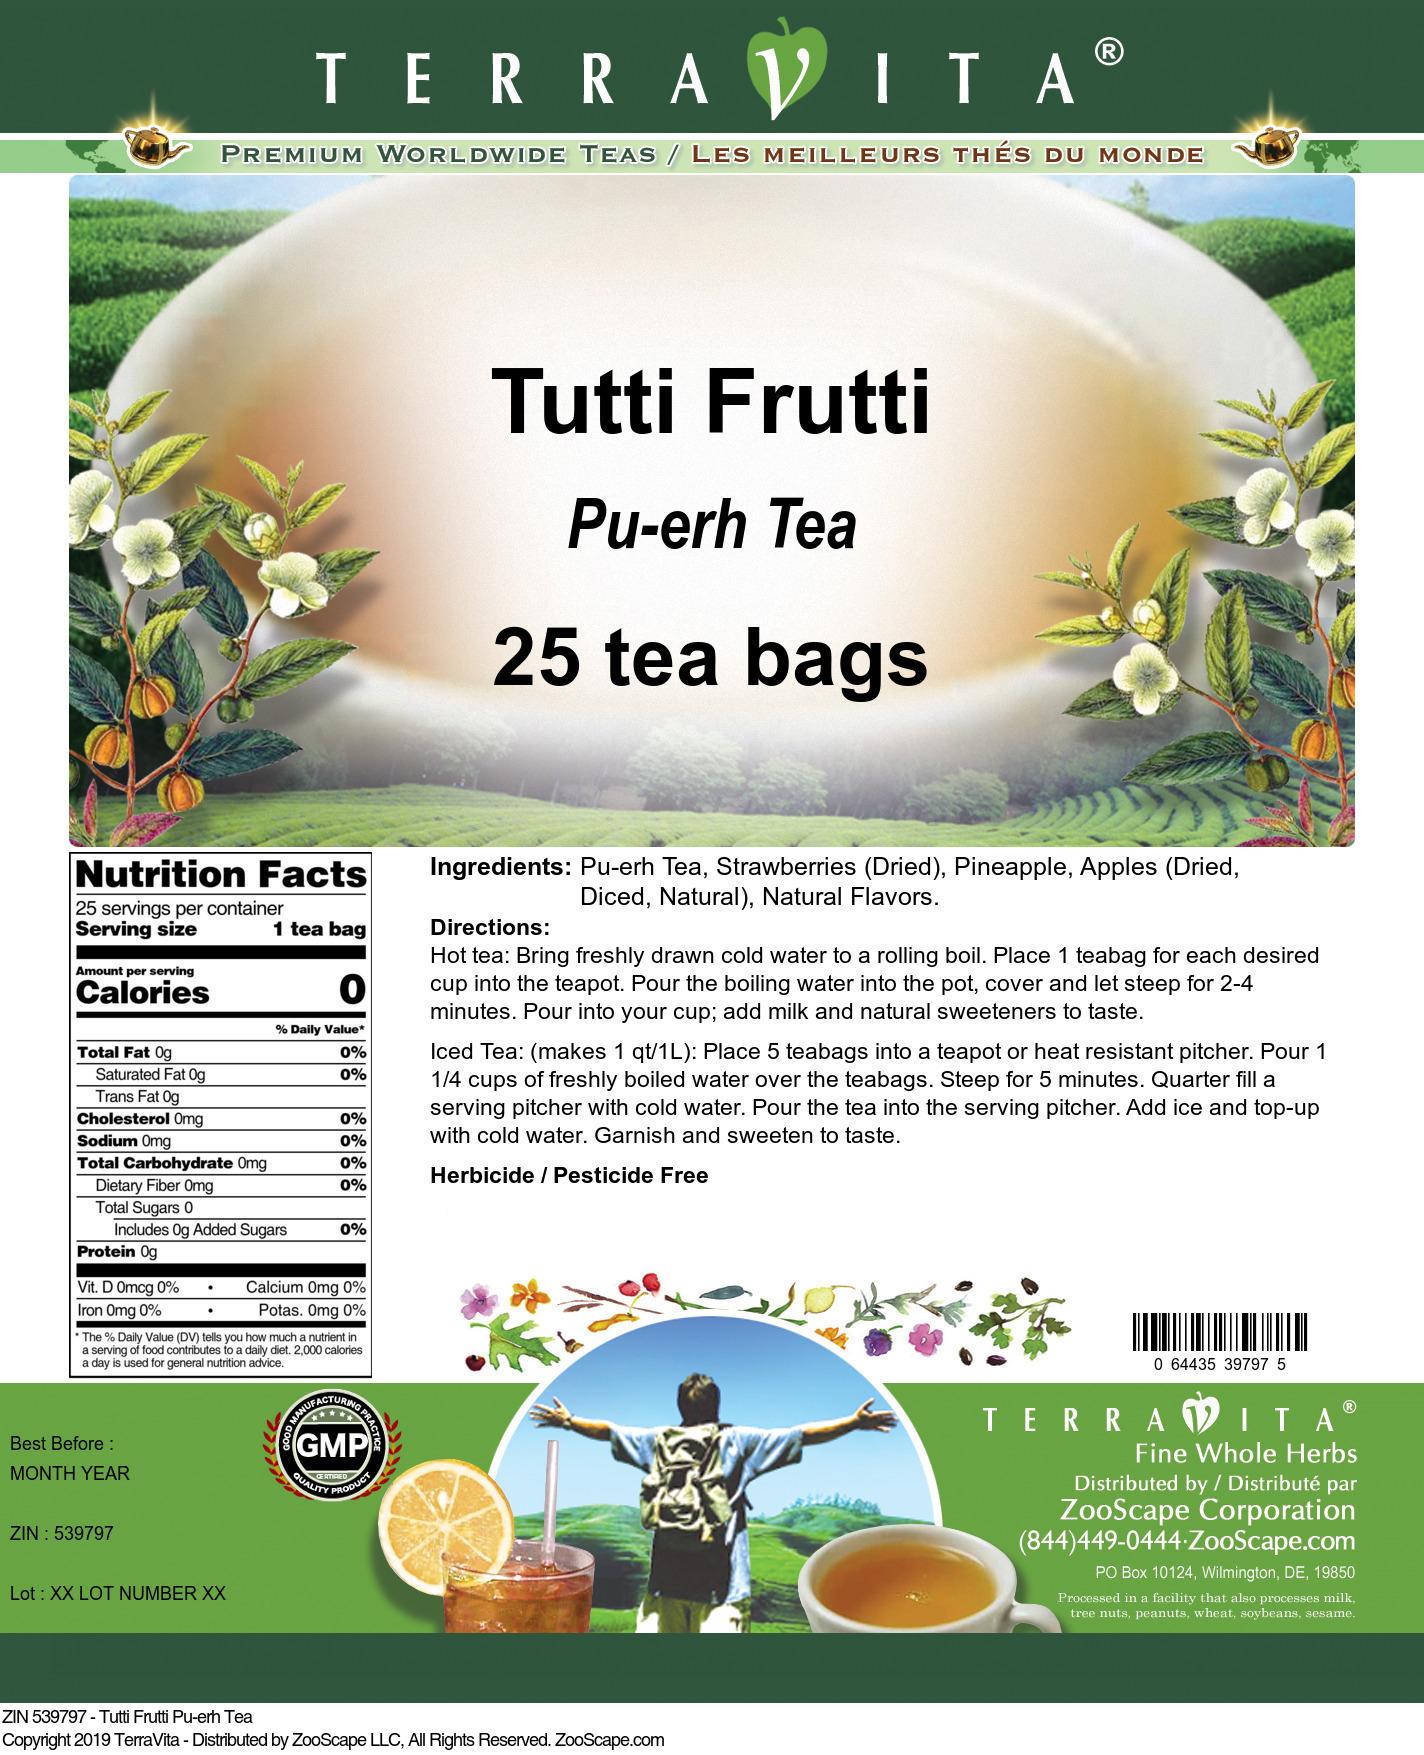 Tutti Frutti Pu-erh Tea